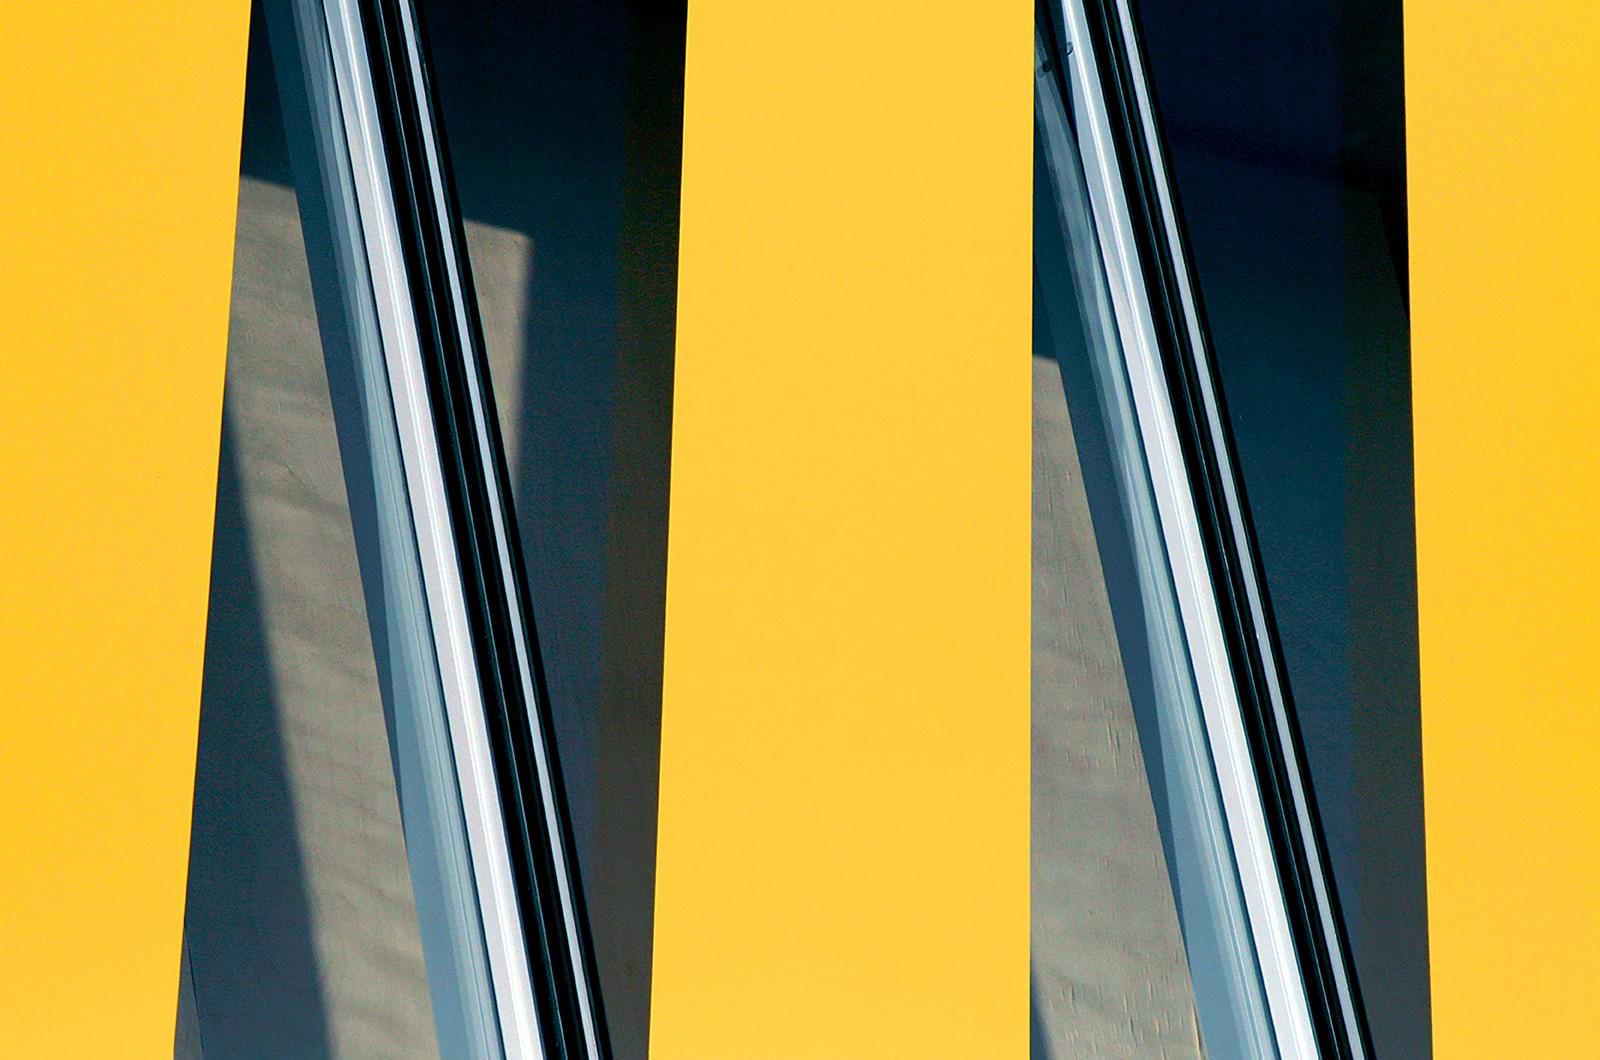 法国国家图书馆临时标牌 © polygraphik Studio